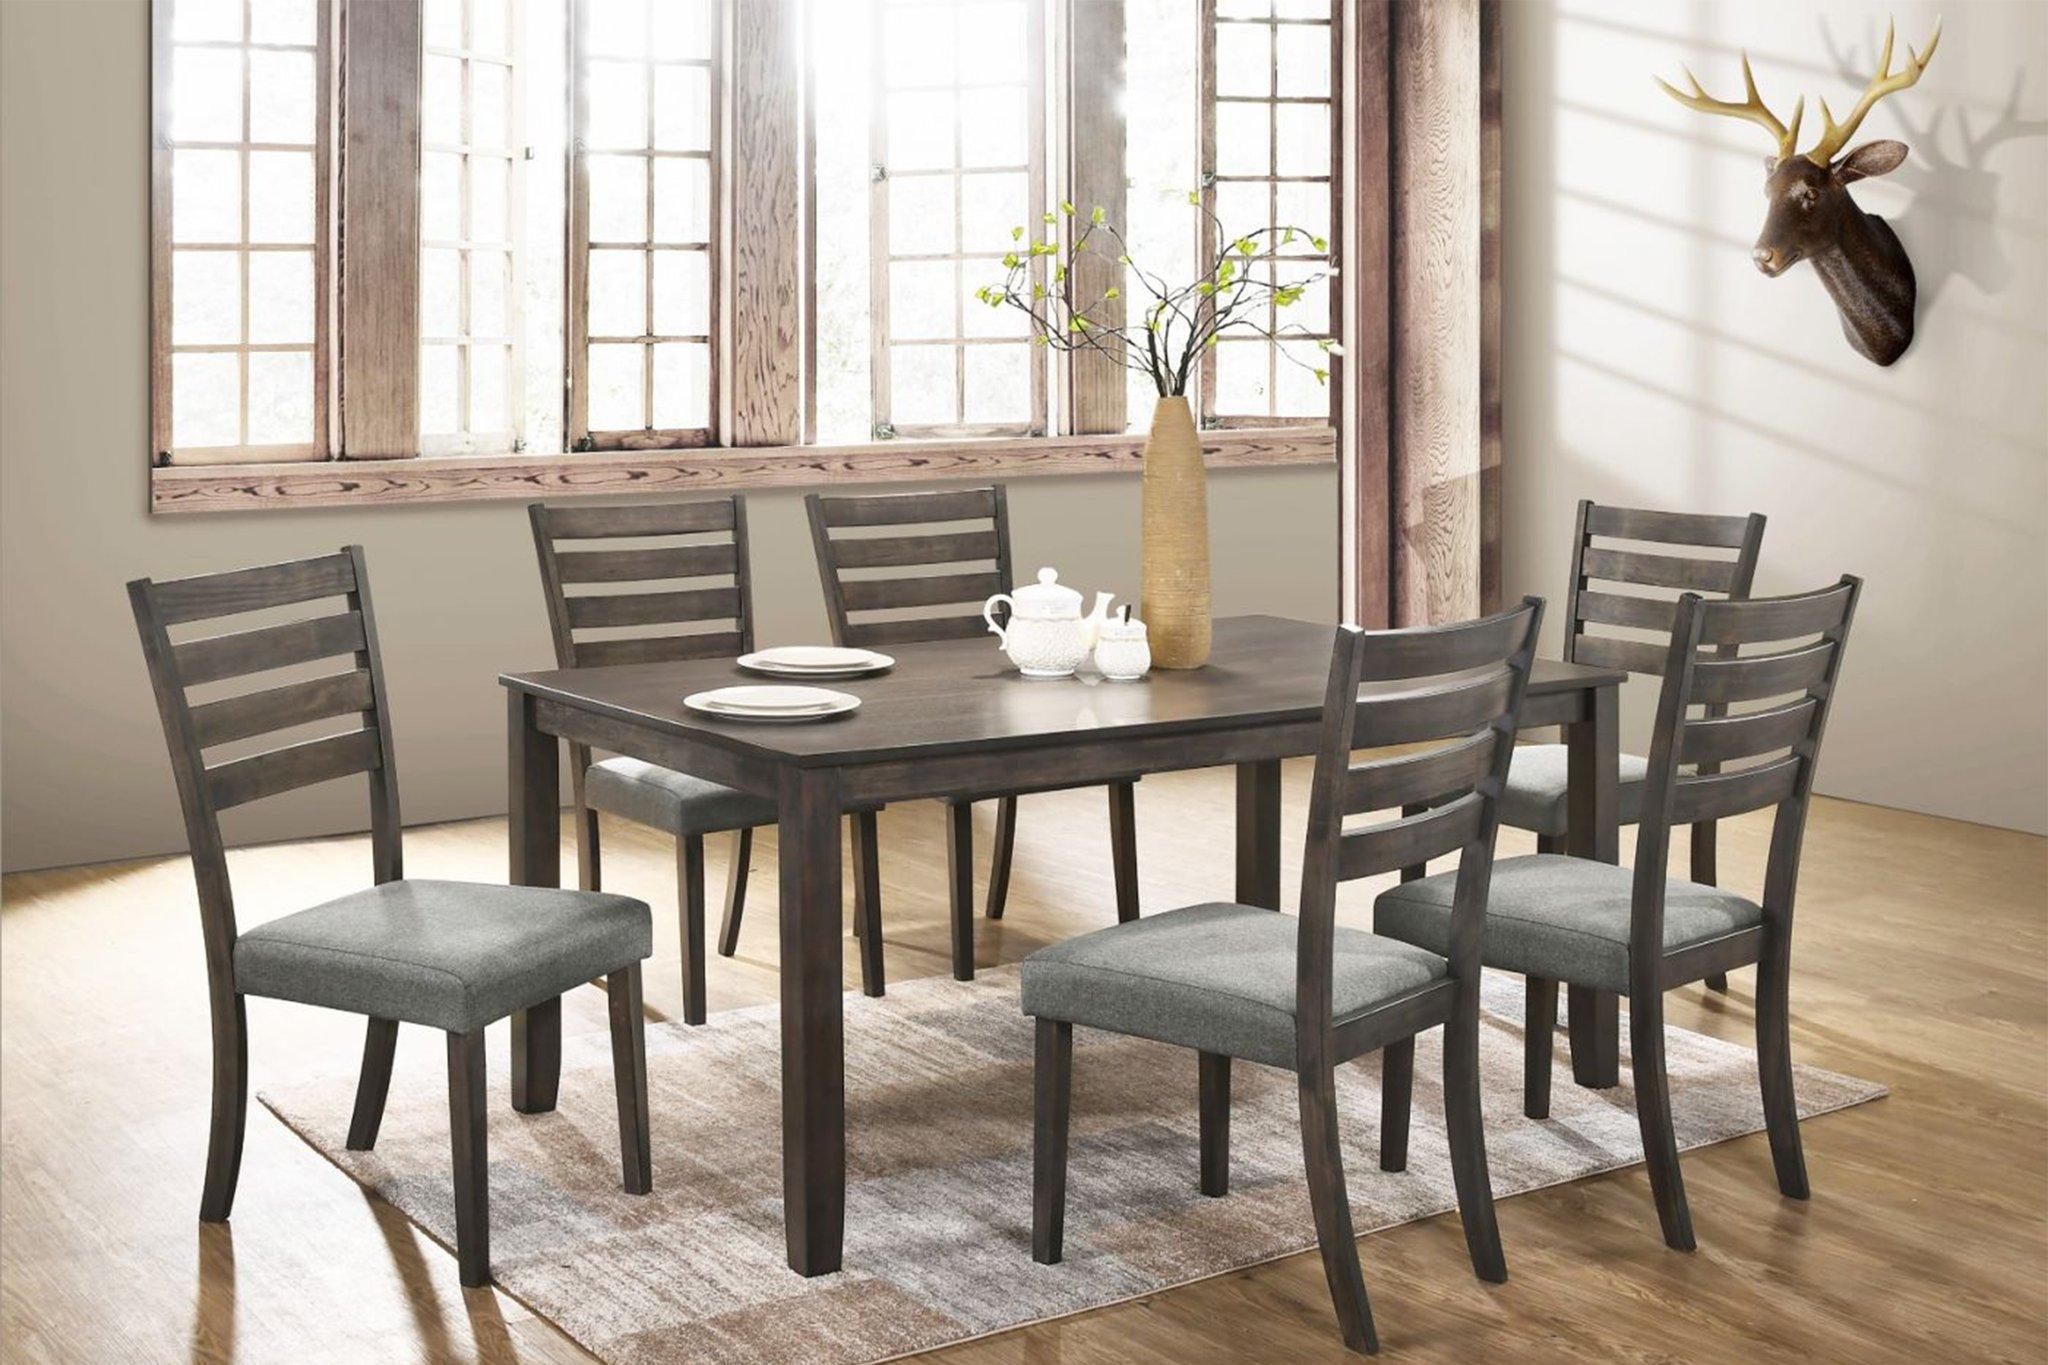 Kursi Makan Kayu Sederhana Elegan Harga Murah Sobat Furniture